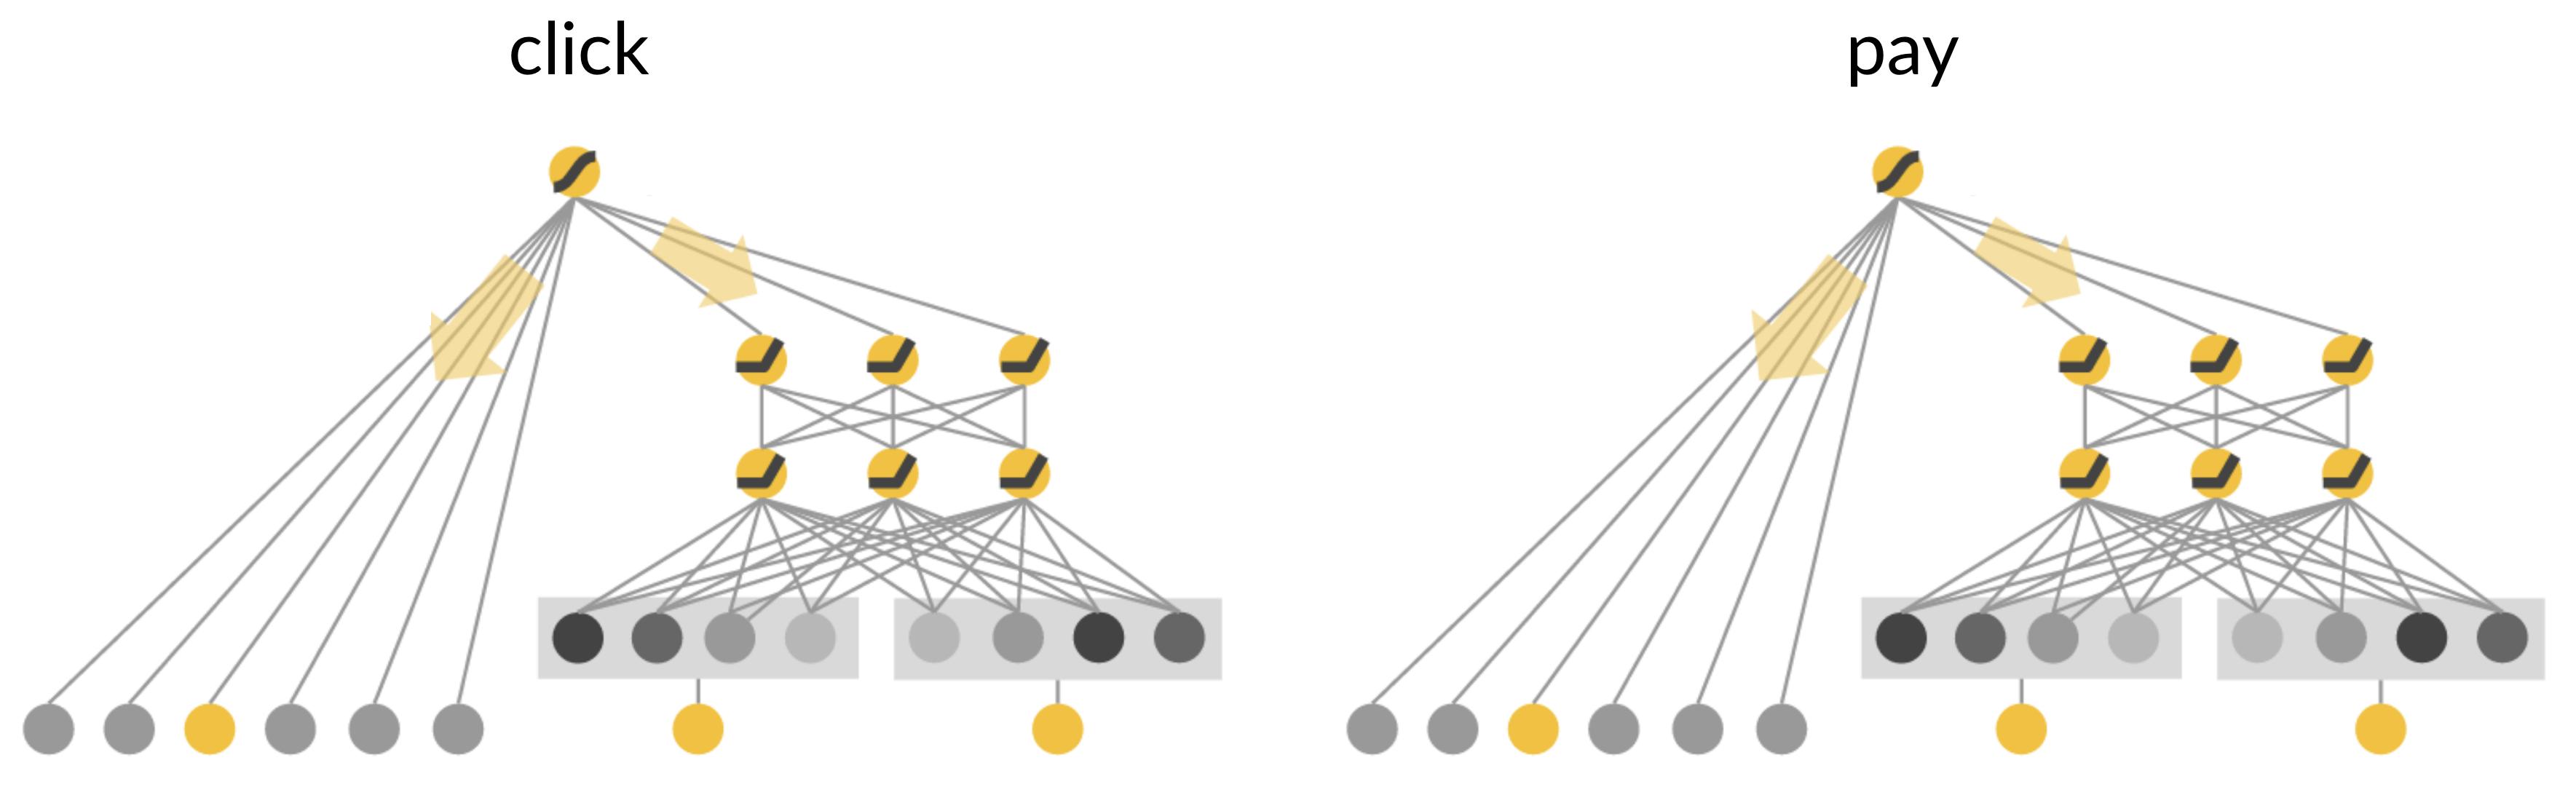 图6 排序模型示意图